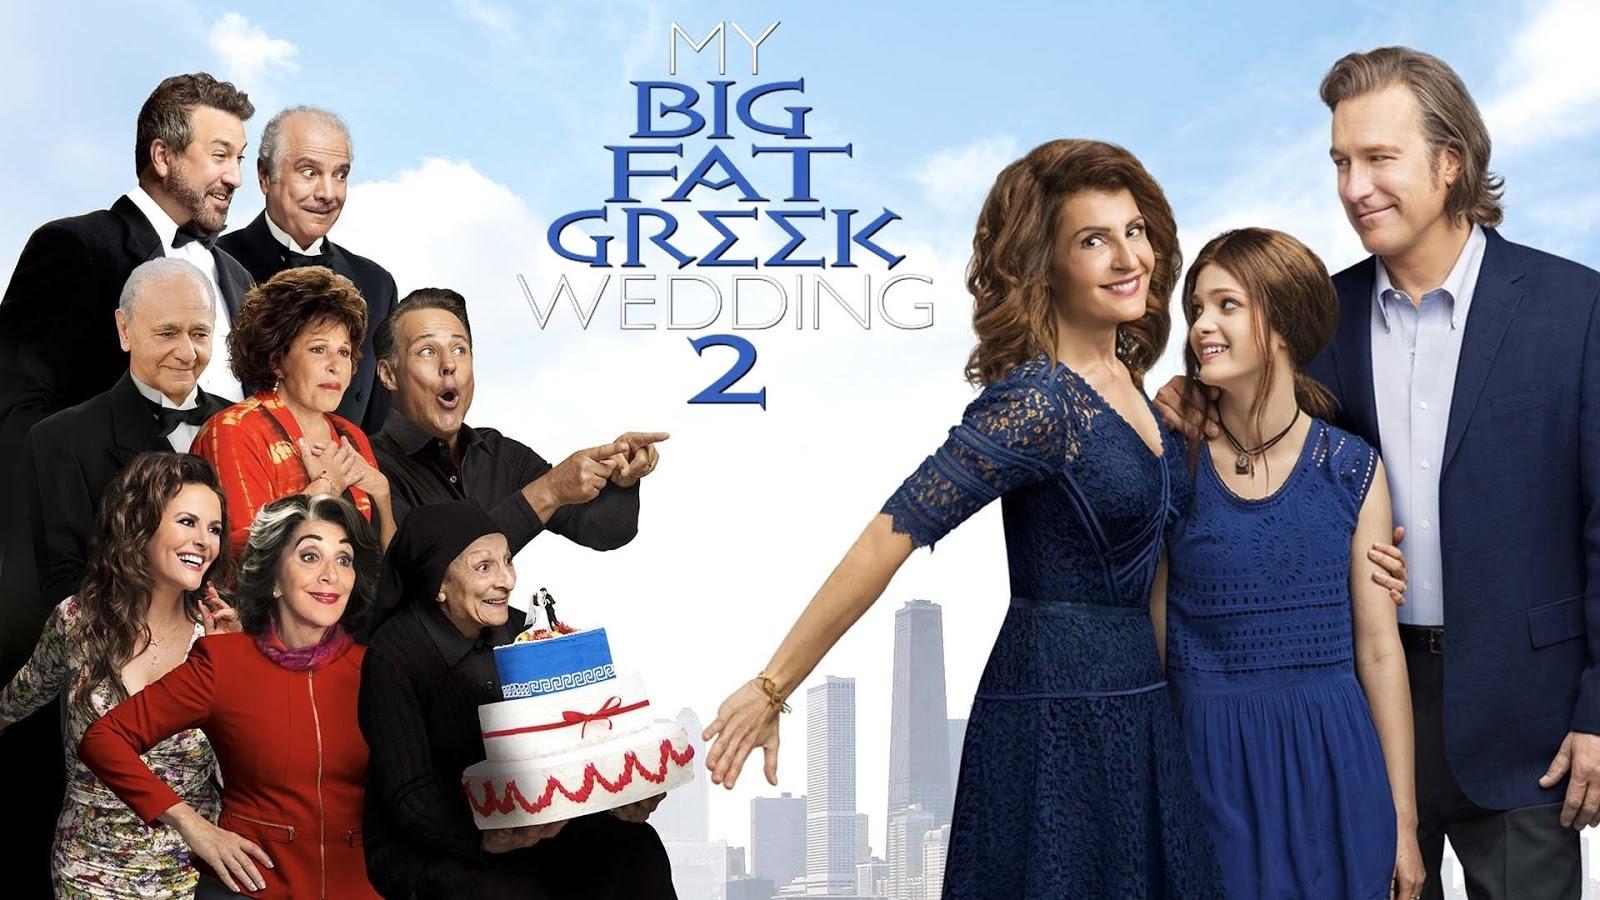 big fat greek wedding 2 full movie free